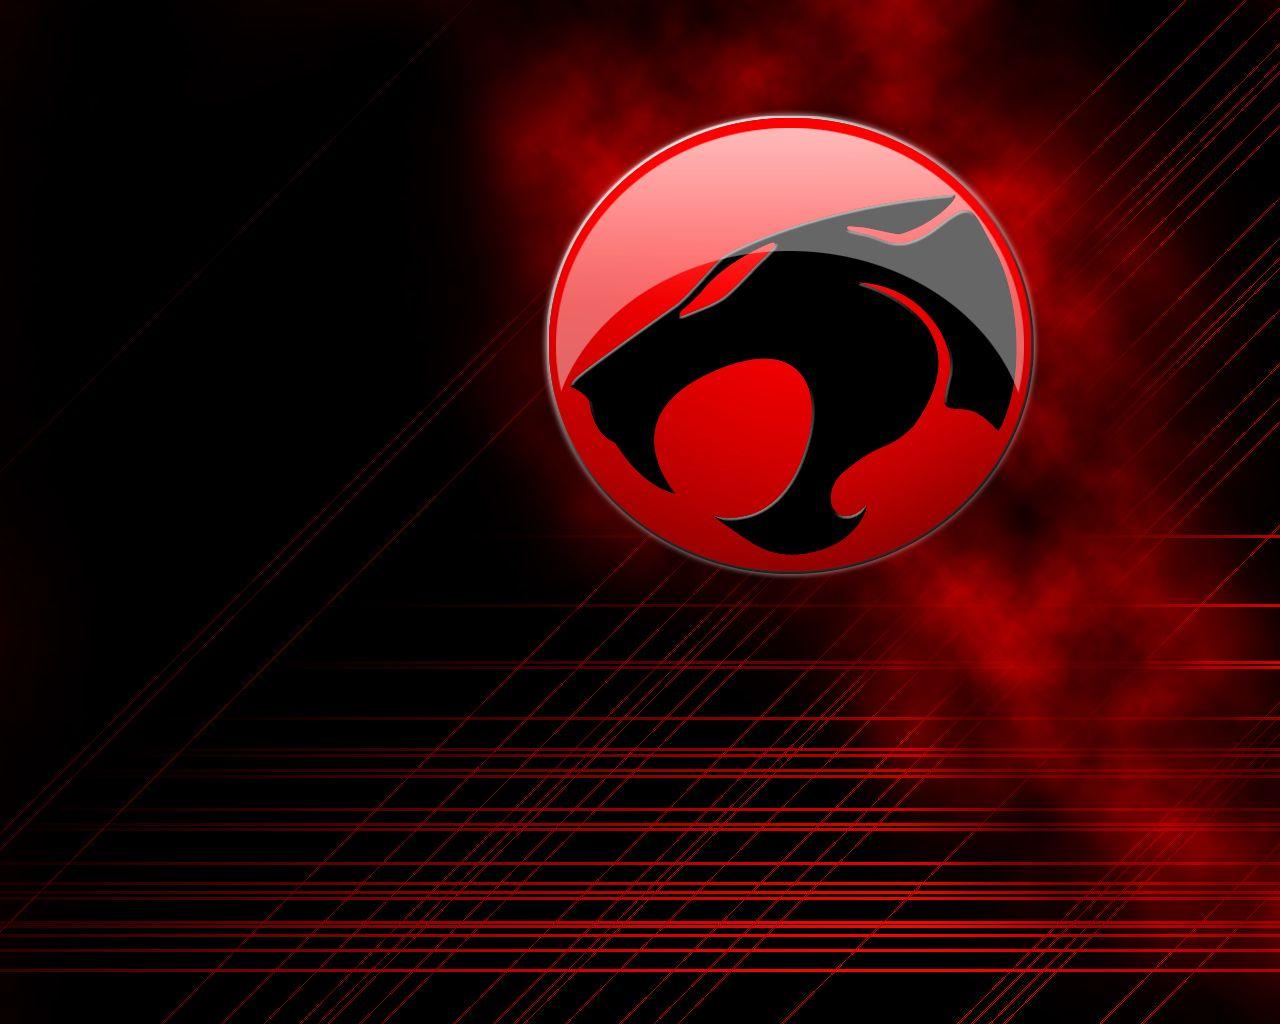 Red Logo Thundercats Wallpaper Thundercats Thundercats Comics